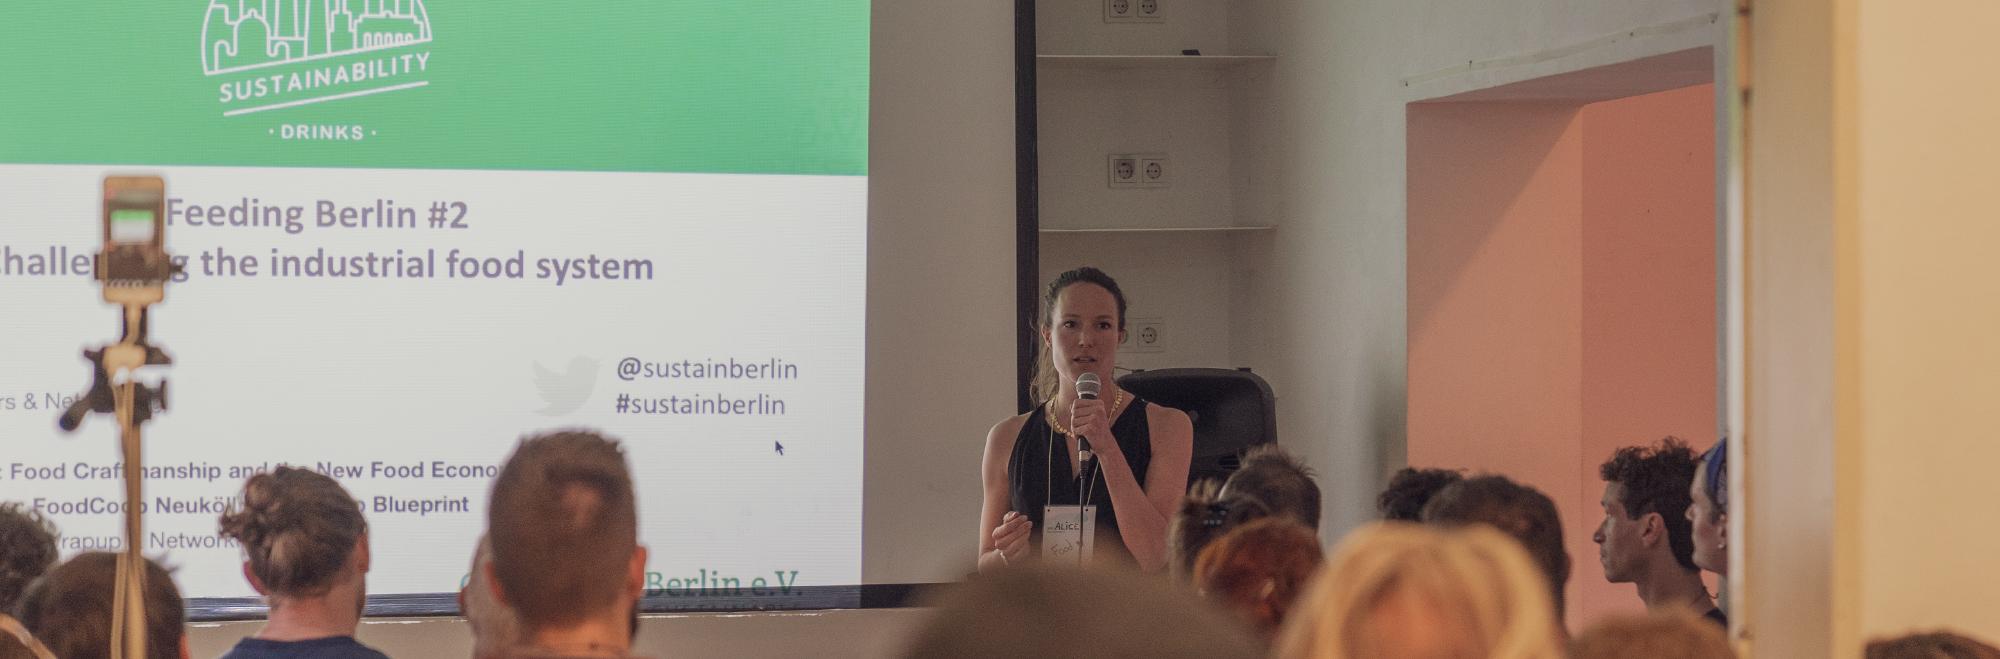 Events around sustainability